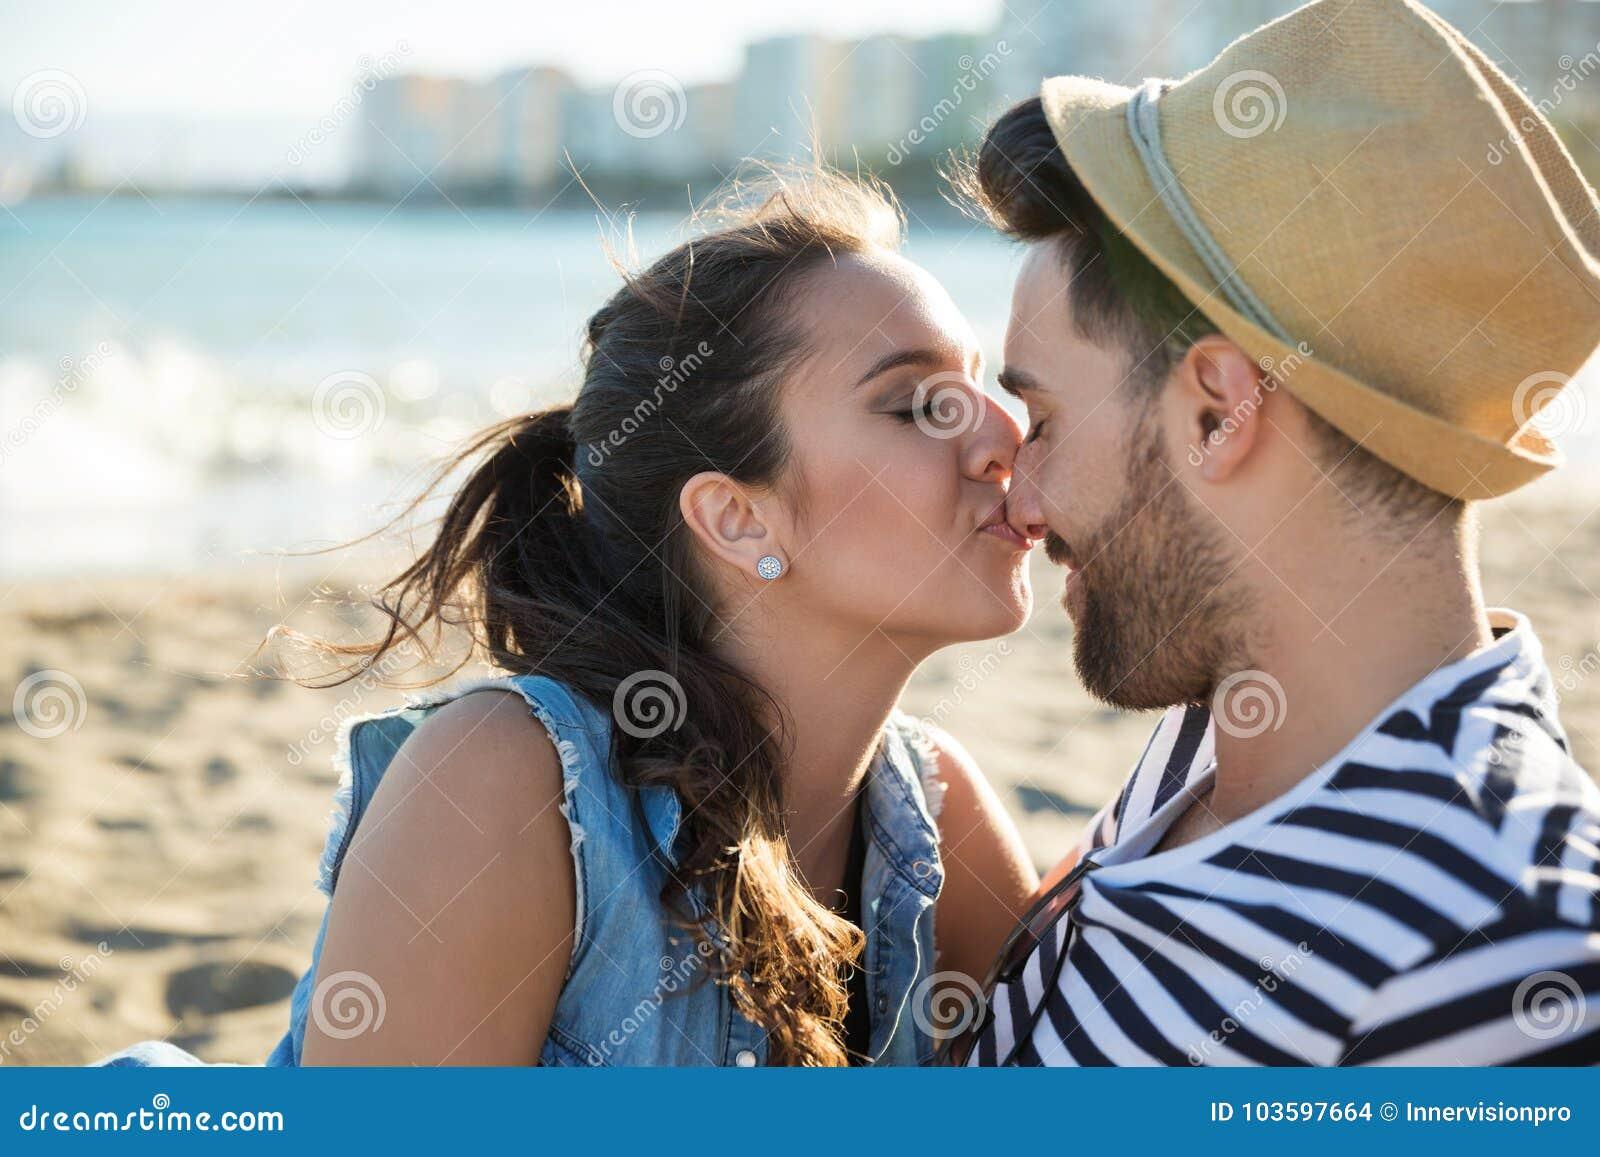 wie küsse ich eine frau